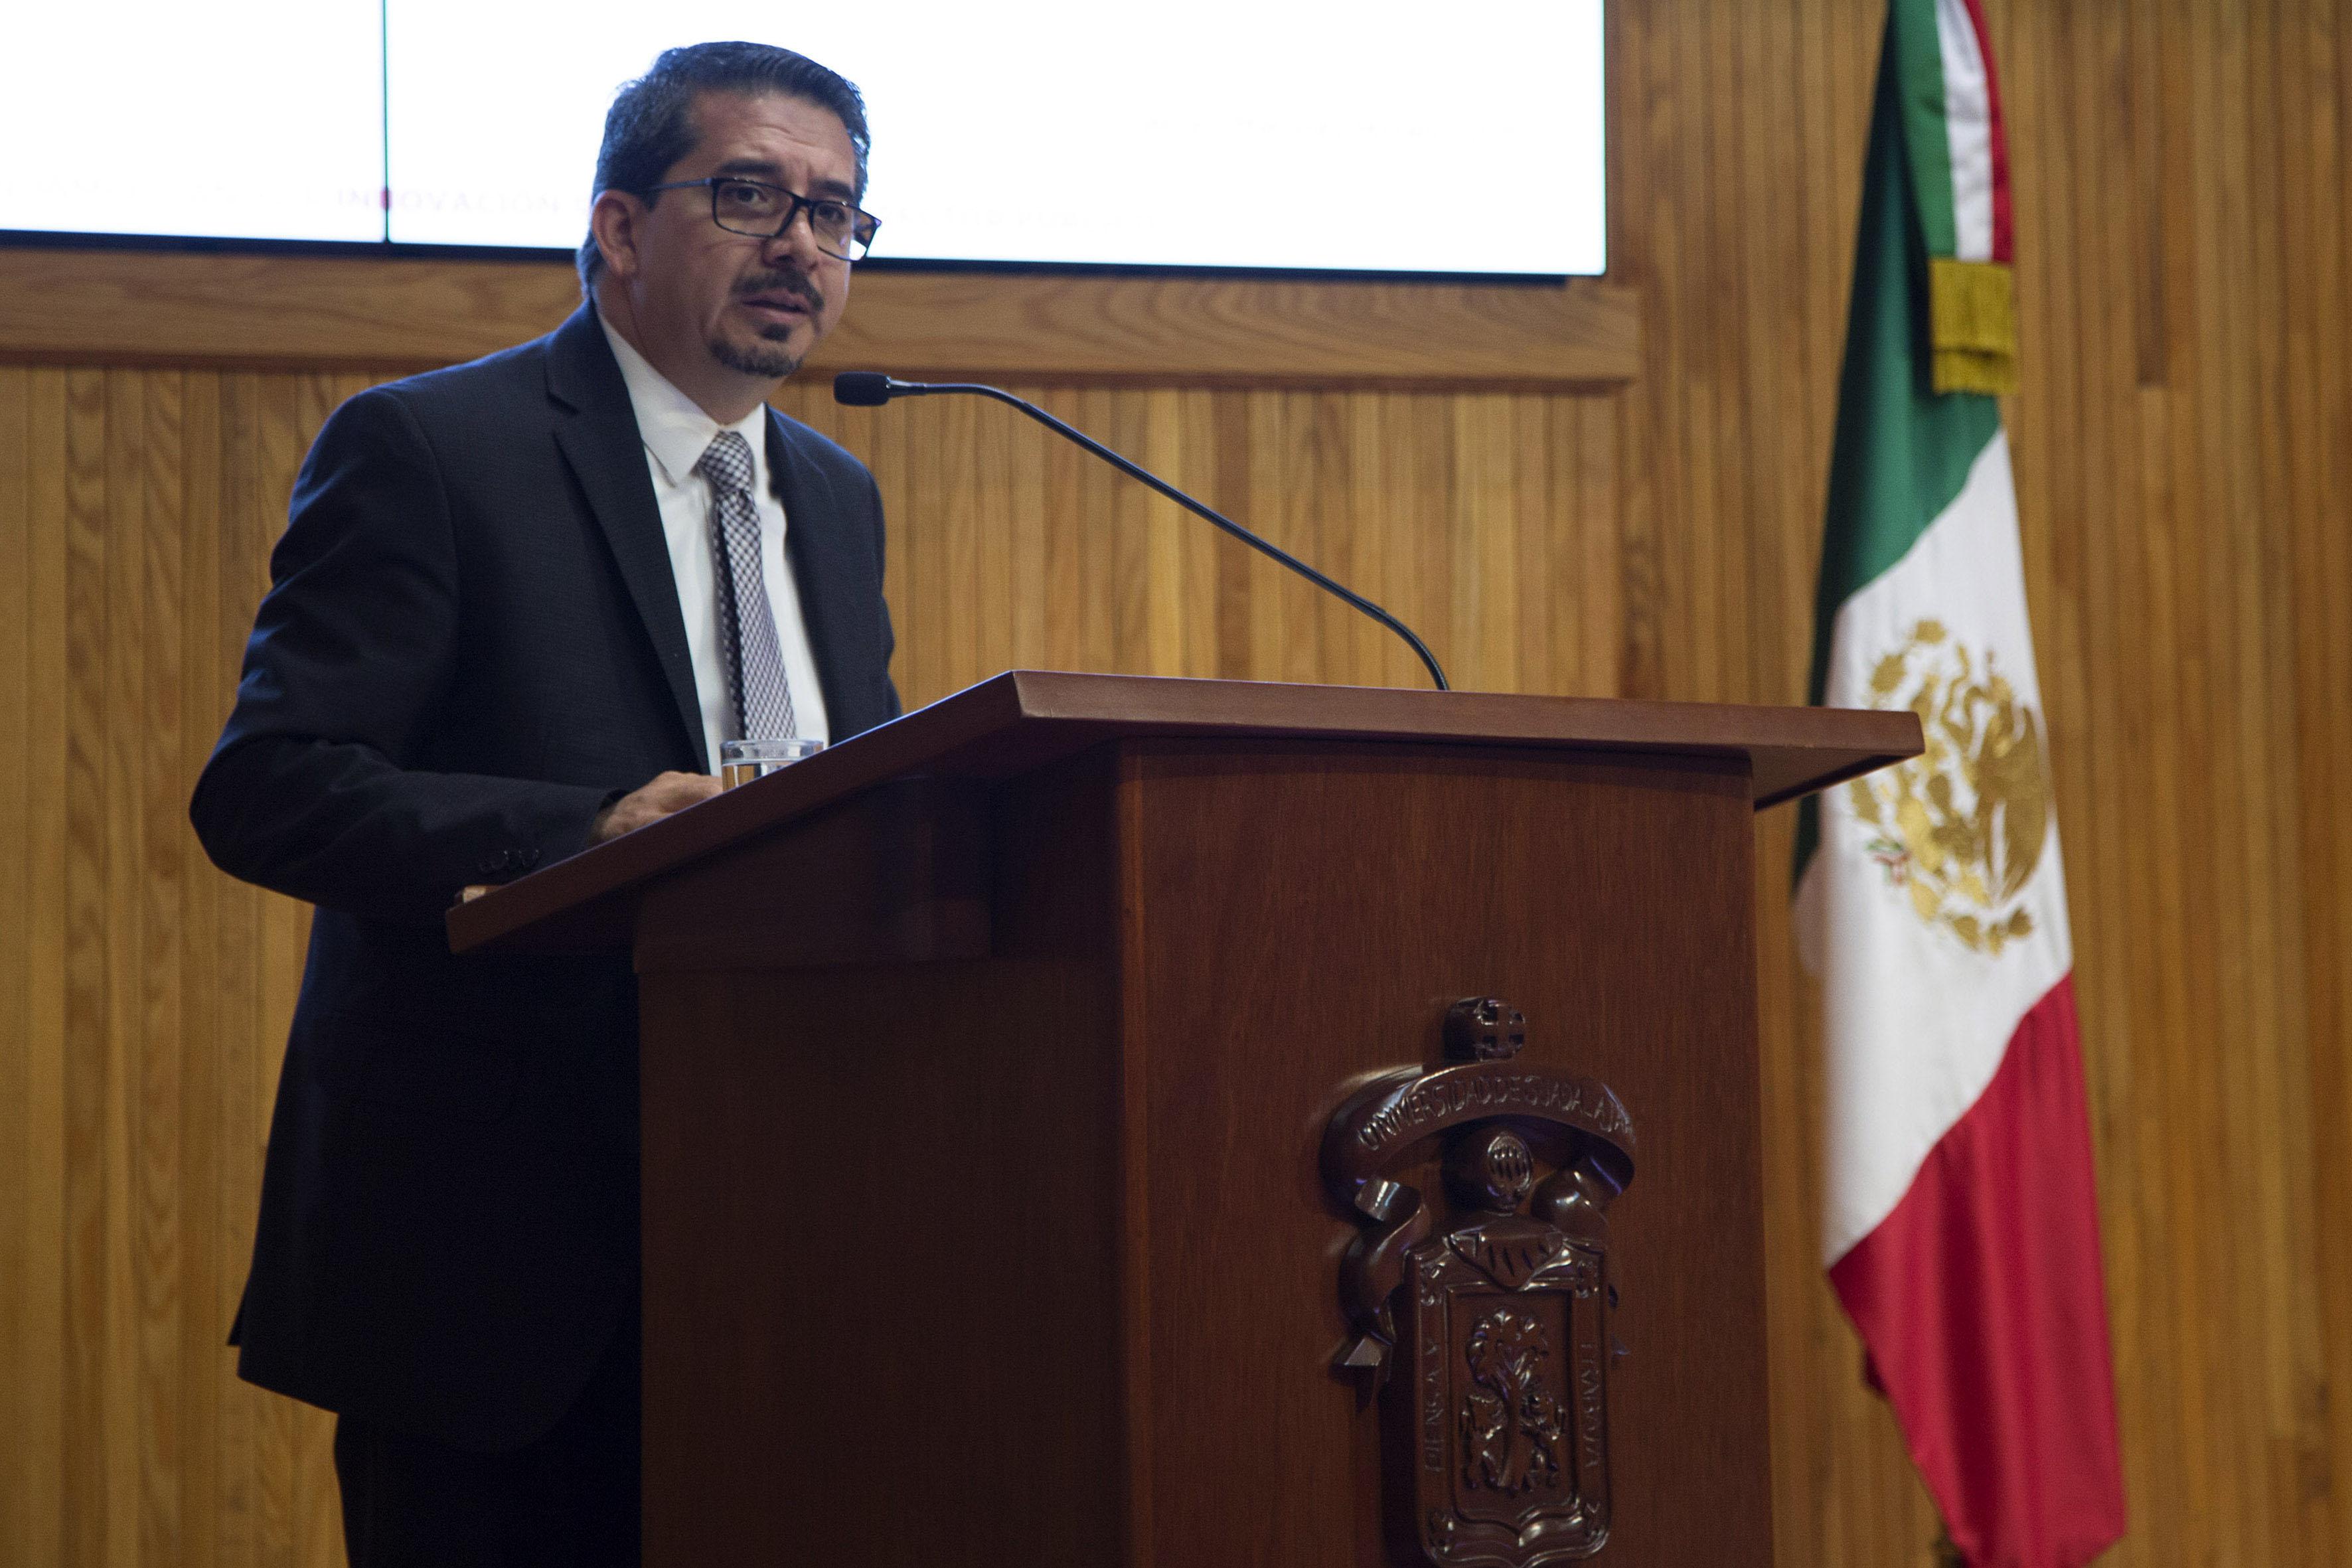 Rector del Centro Universitario de Ciencias Económico Administrativas, maestro José Alberto Castellanos Gutiérrez, en podium de Paraninfo haciendo uso de la palabra.